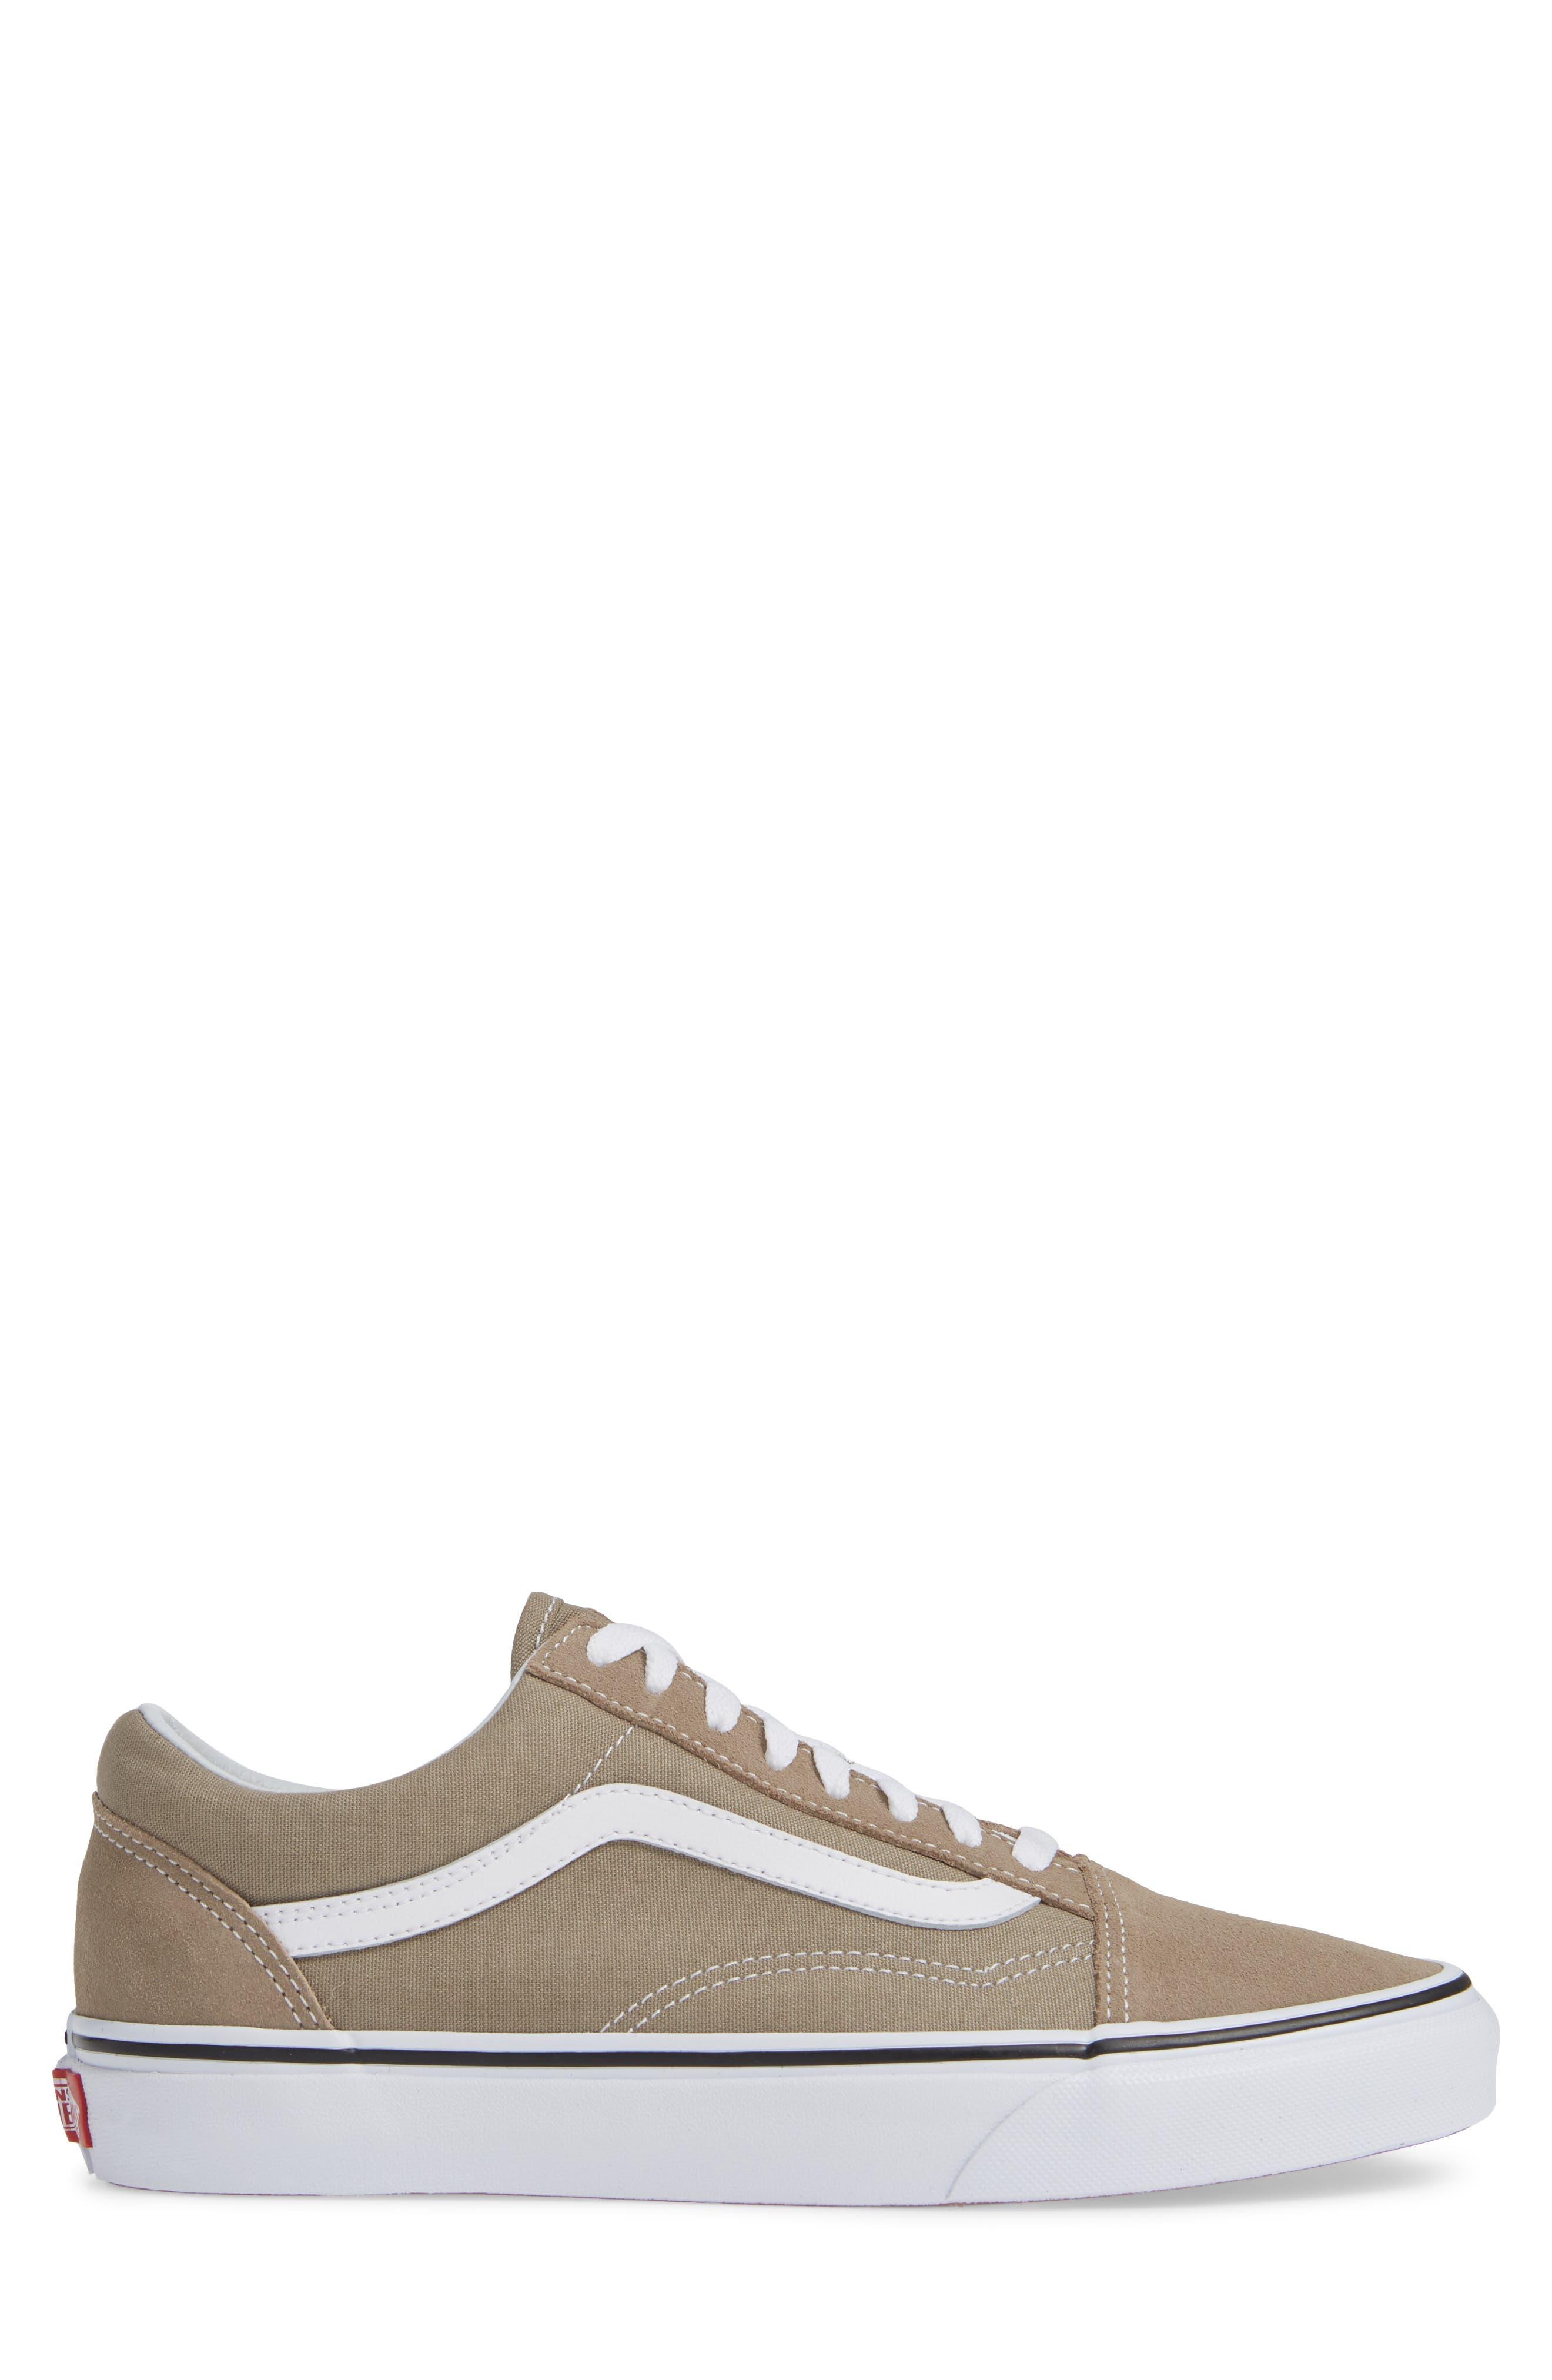 'Old Skool' Sneaker,                             Alternate thumbnail 3, color,                             DESERT TAUPE/ WHITE CANVAS